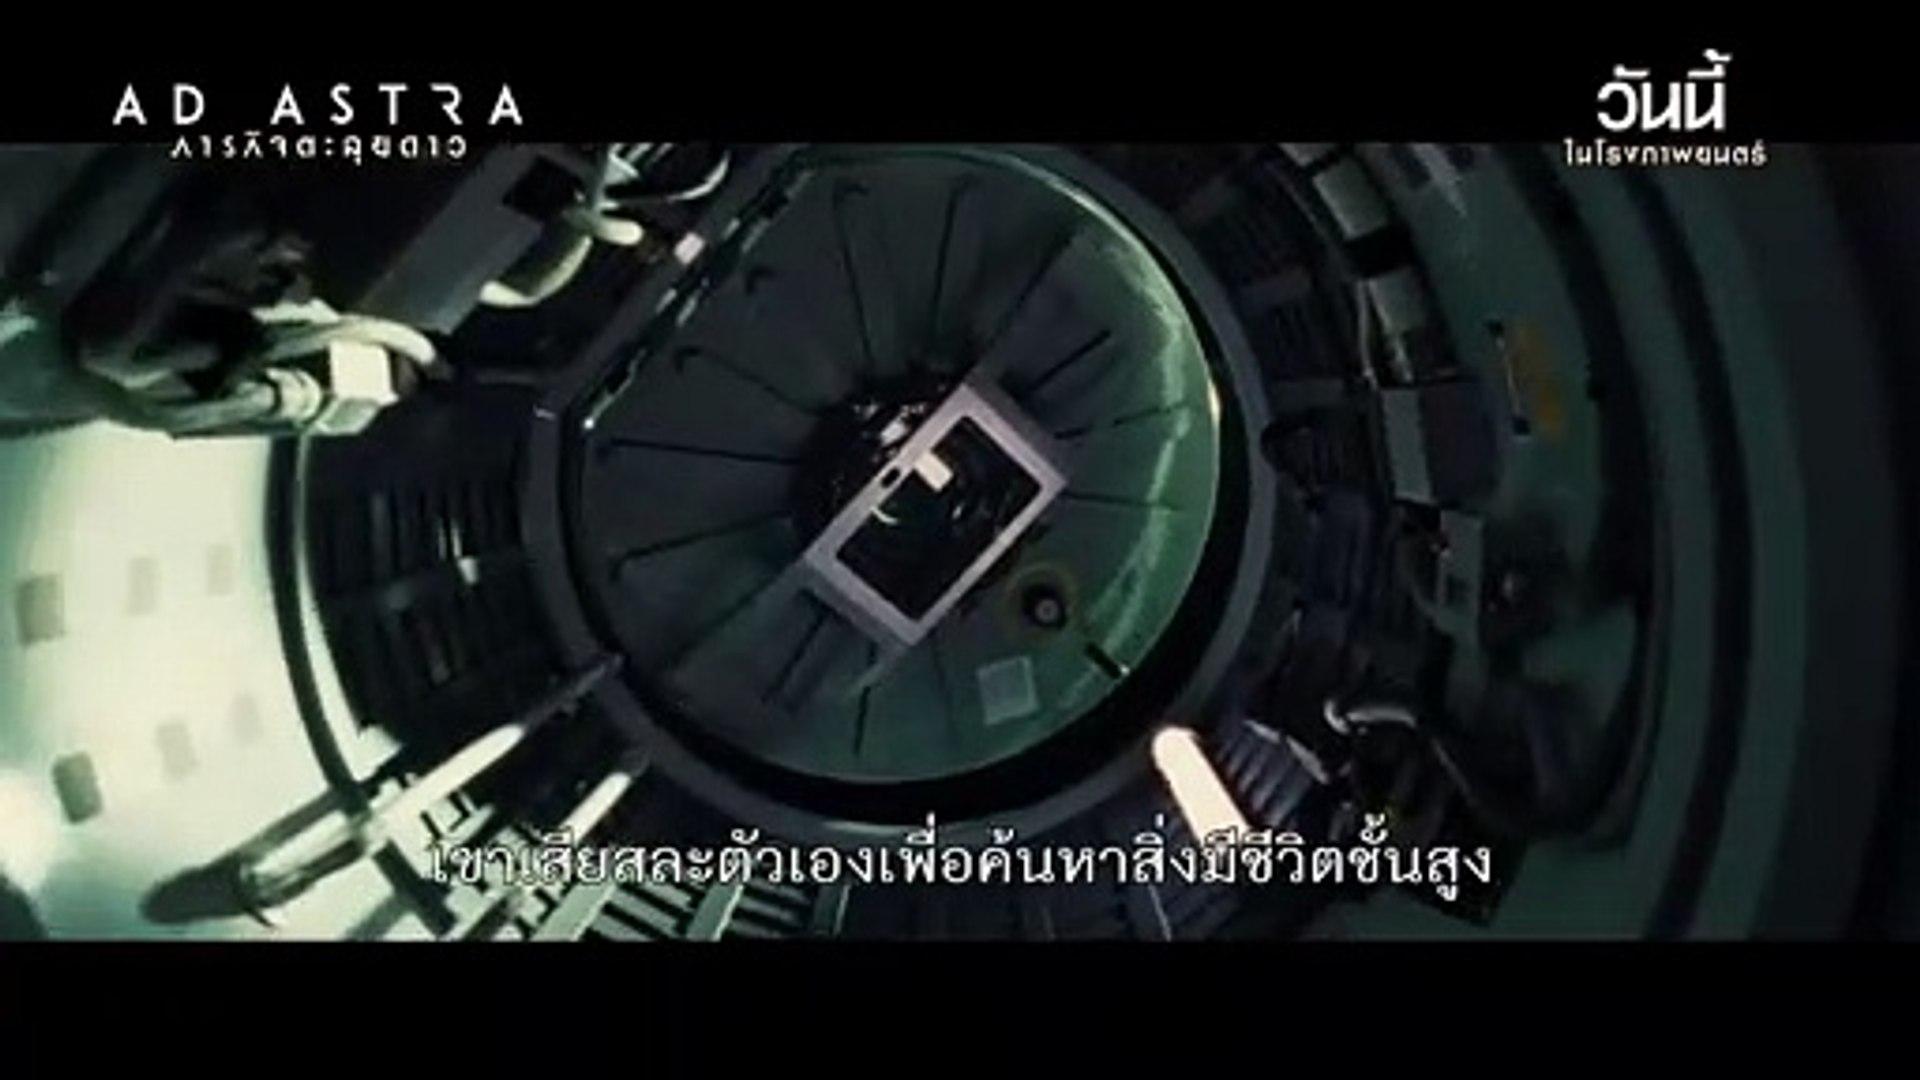 หนัง Ad Astra ภารกิจตะลุยดาว l Find (Official ซับไทย)